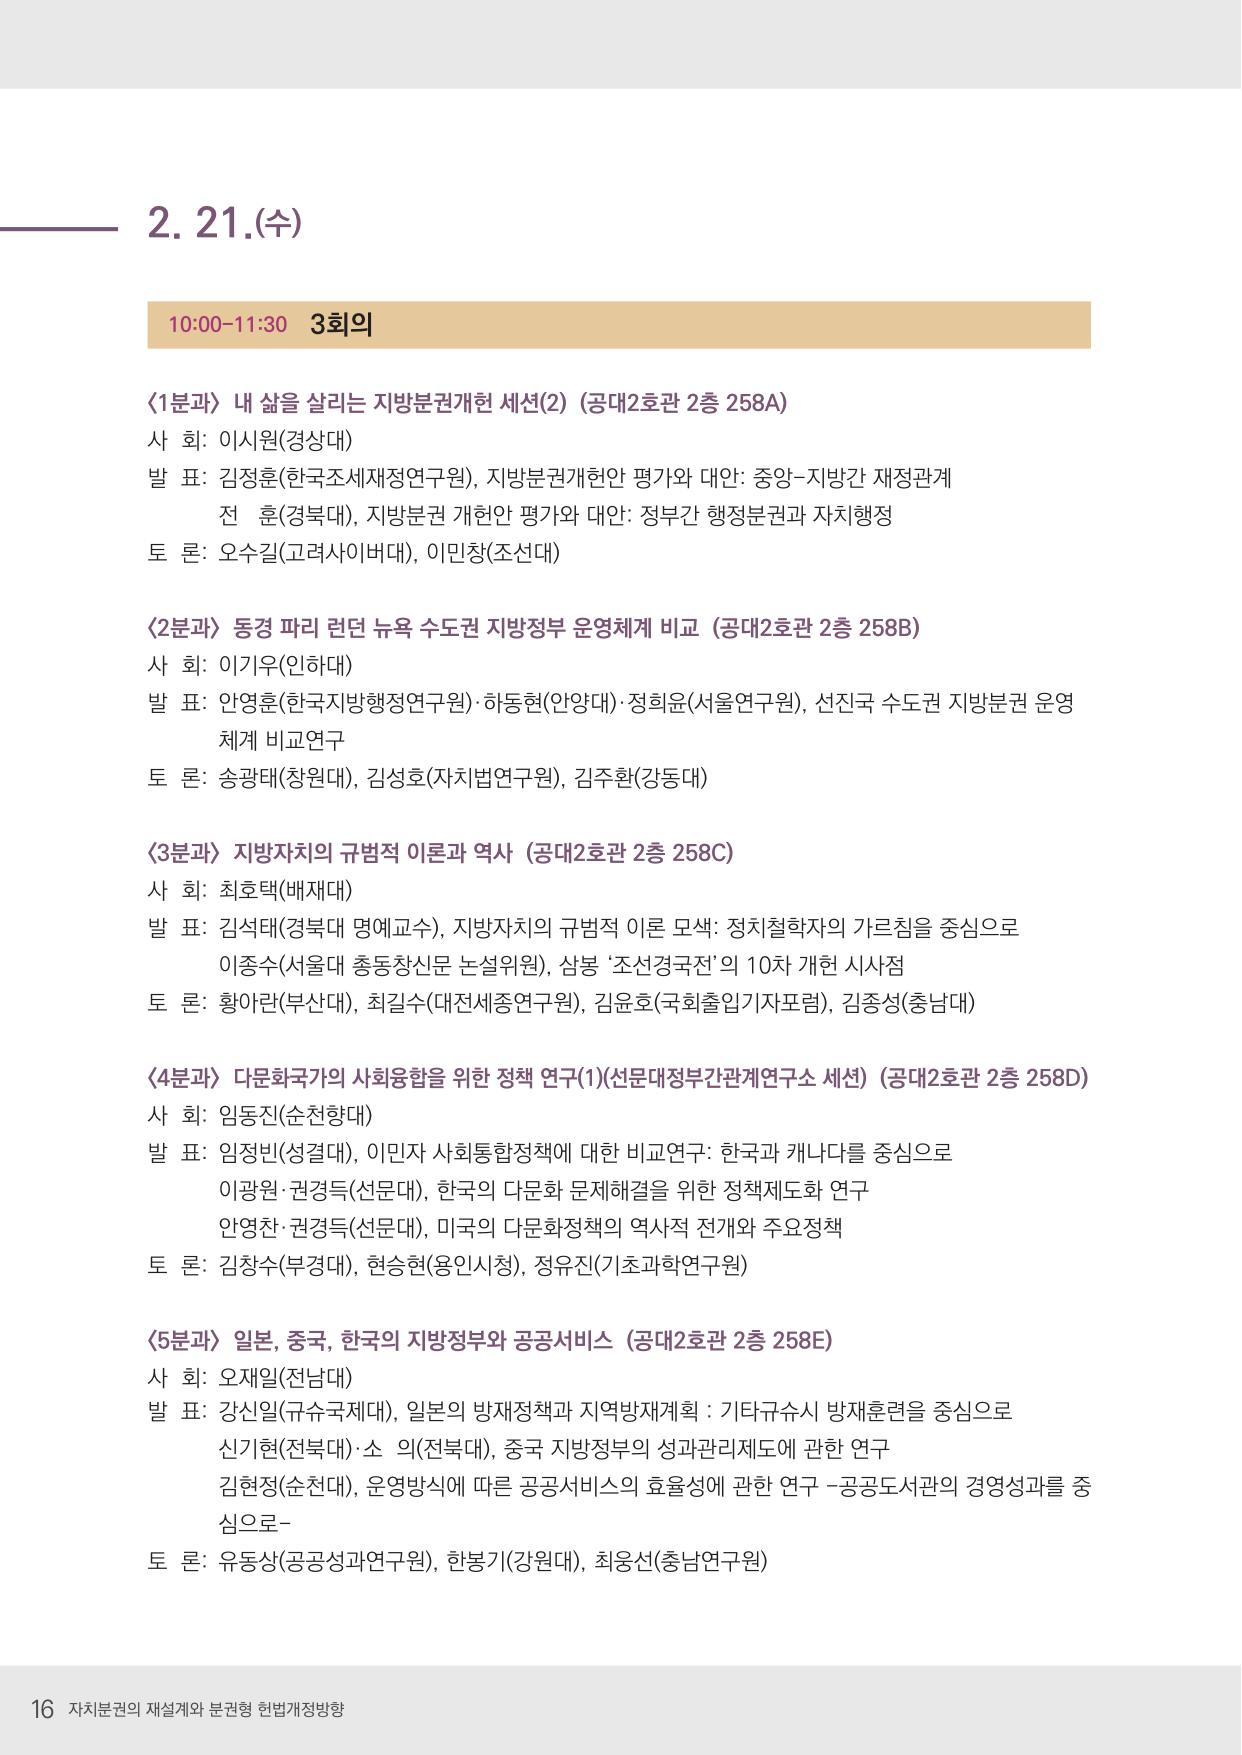 초청장_동계학술대회_한국지방자치학회(최종본)-16.jpg